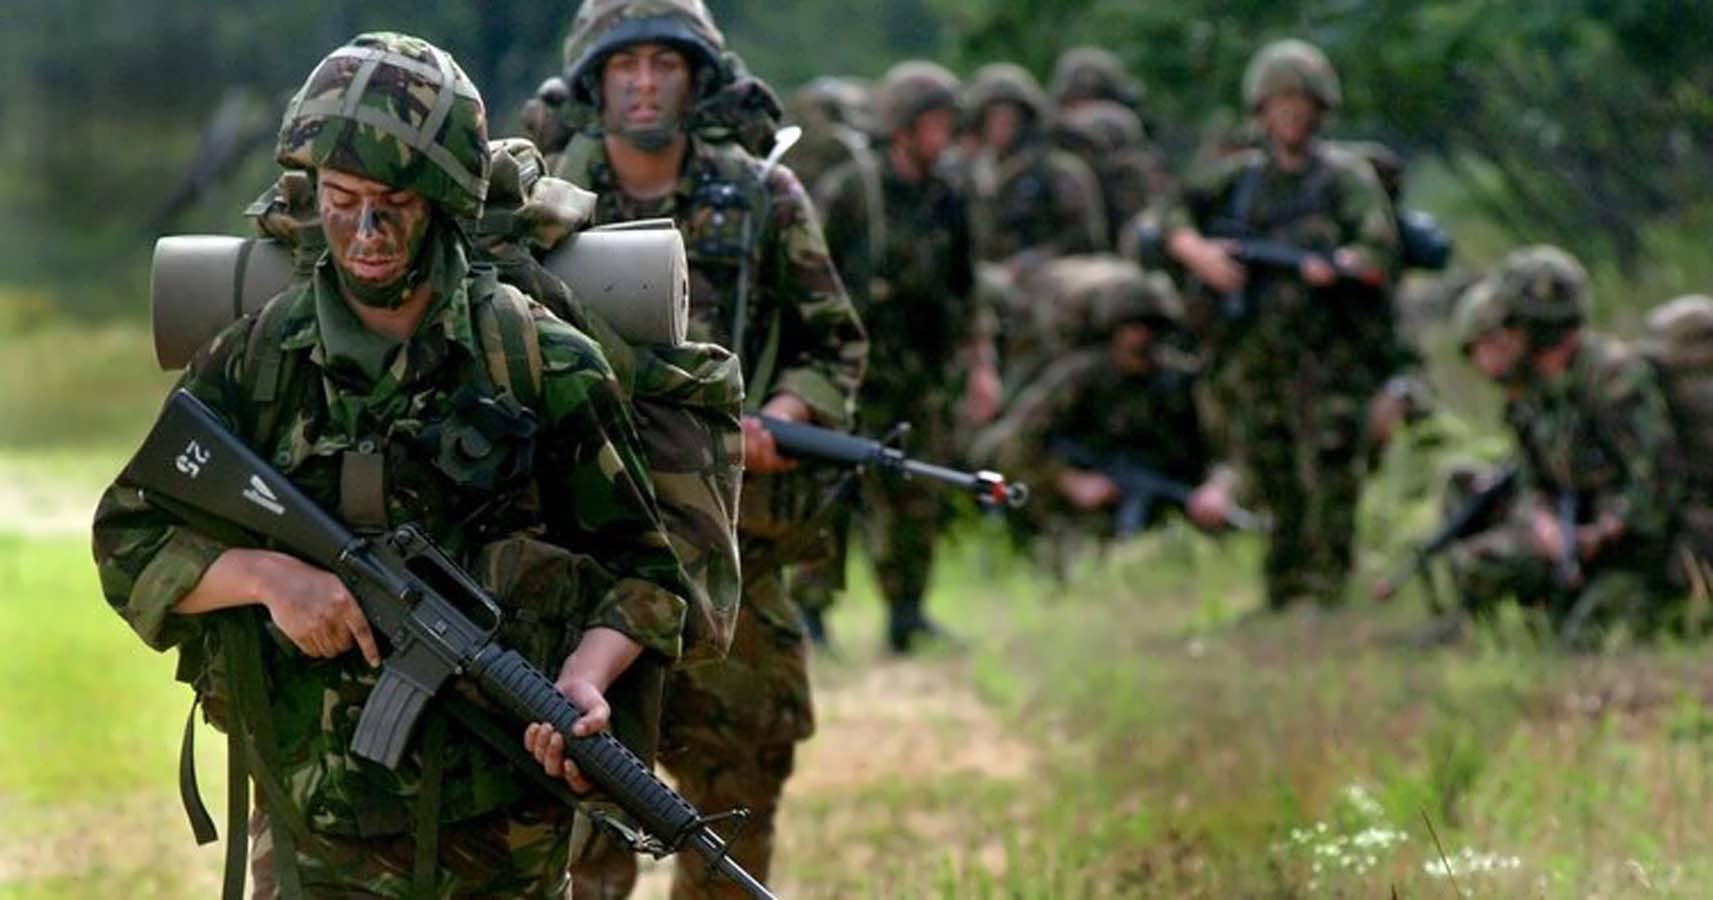 Bedelli Askerliğe Giden Memurların Göreve Dönme Süresi